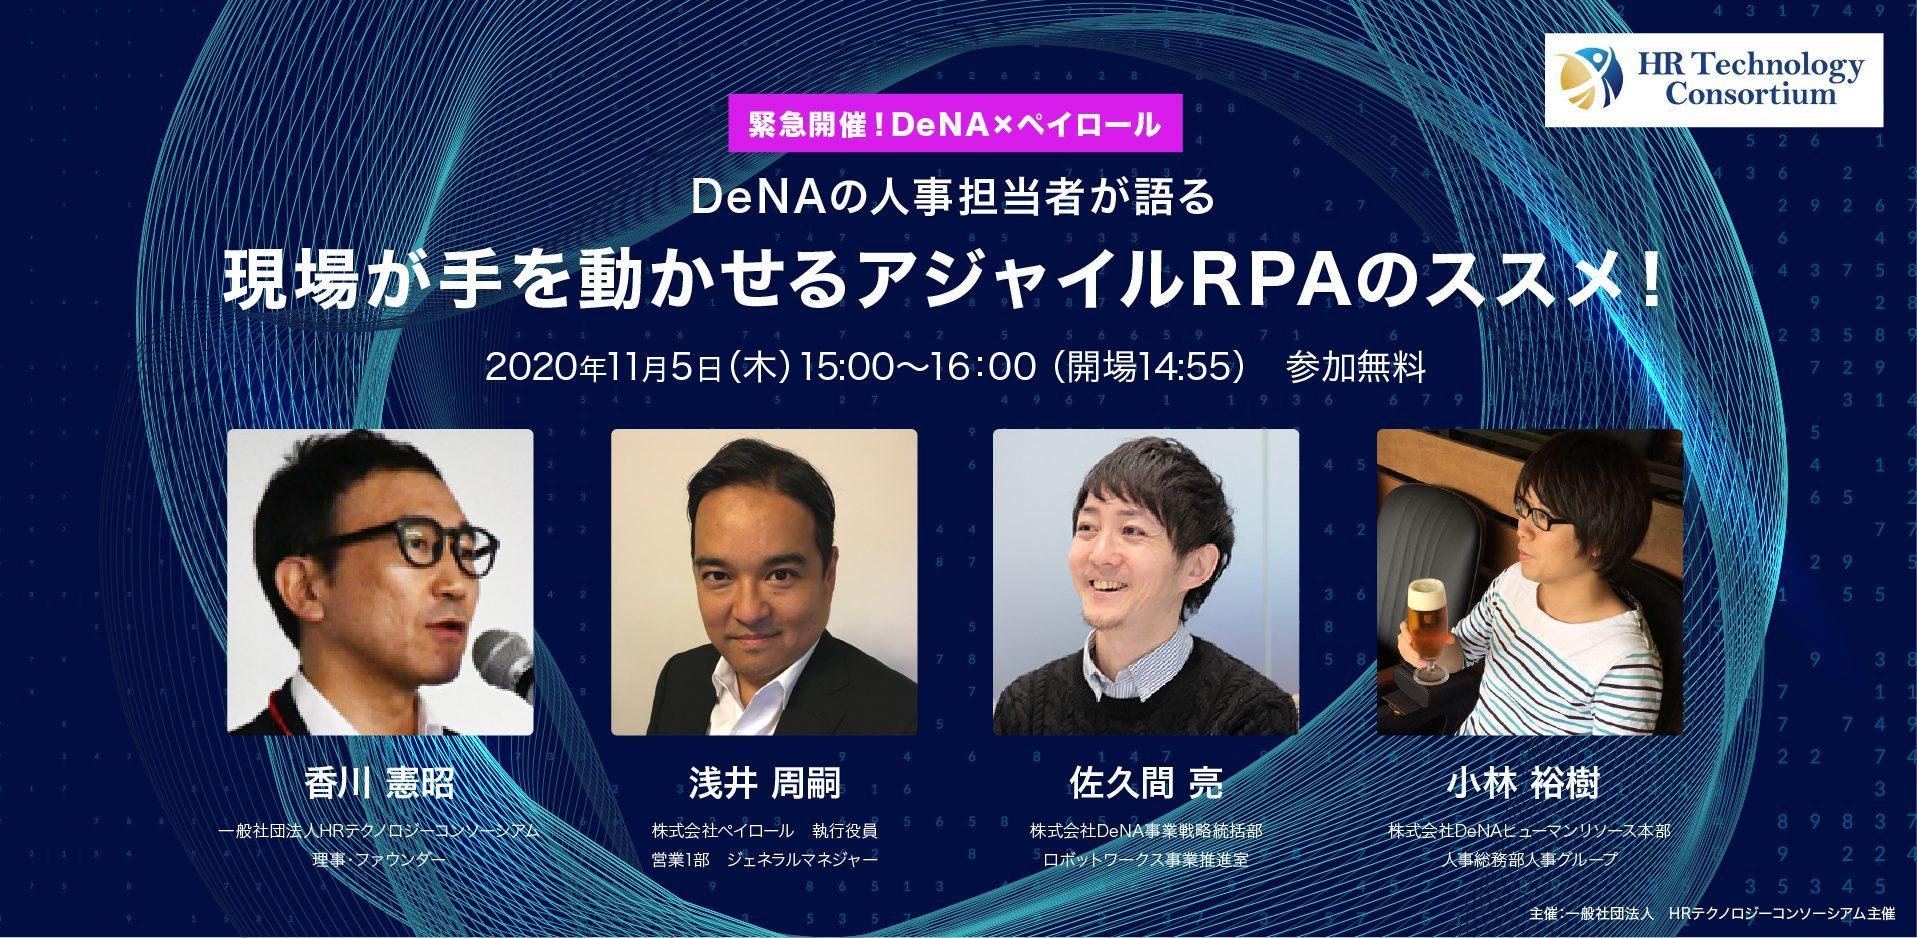 [終了]【緊急開催!DeNA×ペイロール】 DeNAの人事担当者が語る、現場が手を動かせる アジャイルRPAのススメ!